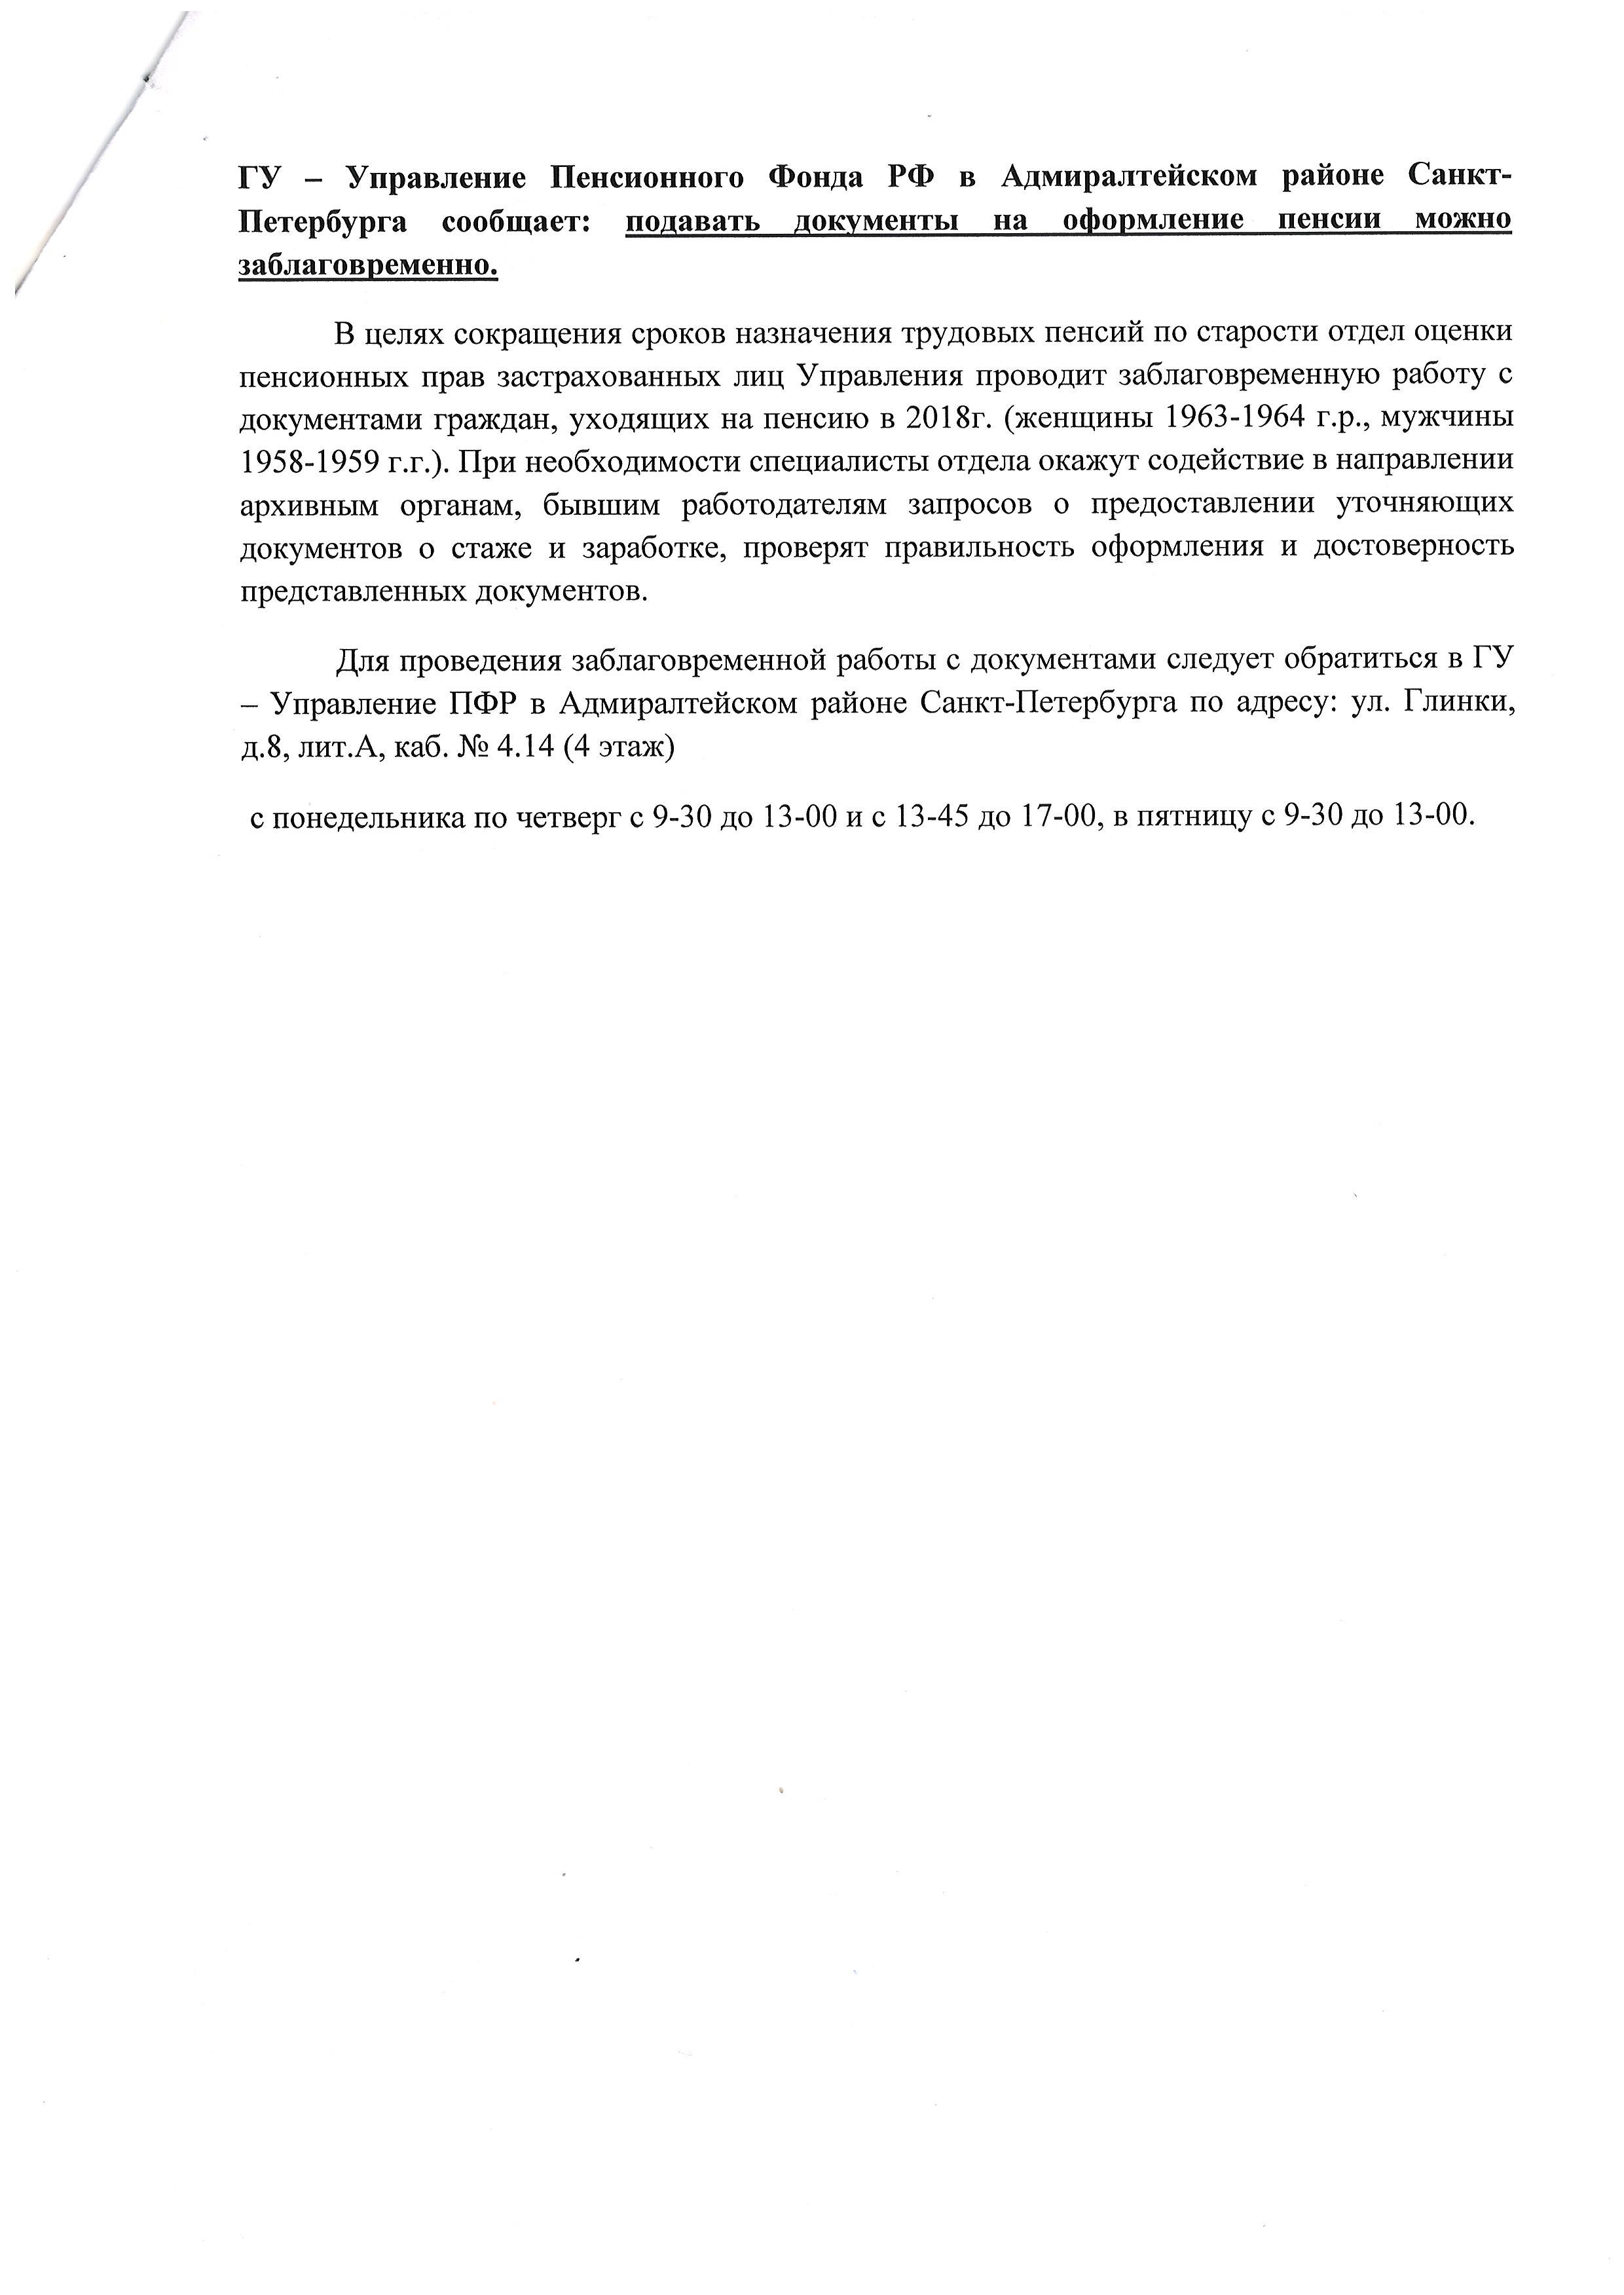 Пфр адмиралтейского района электронная отчетность продажа электронной отчетности